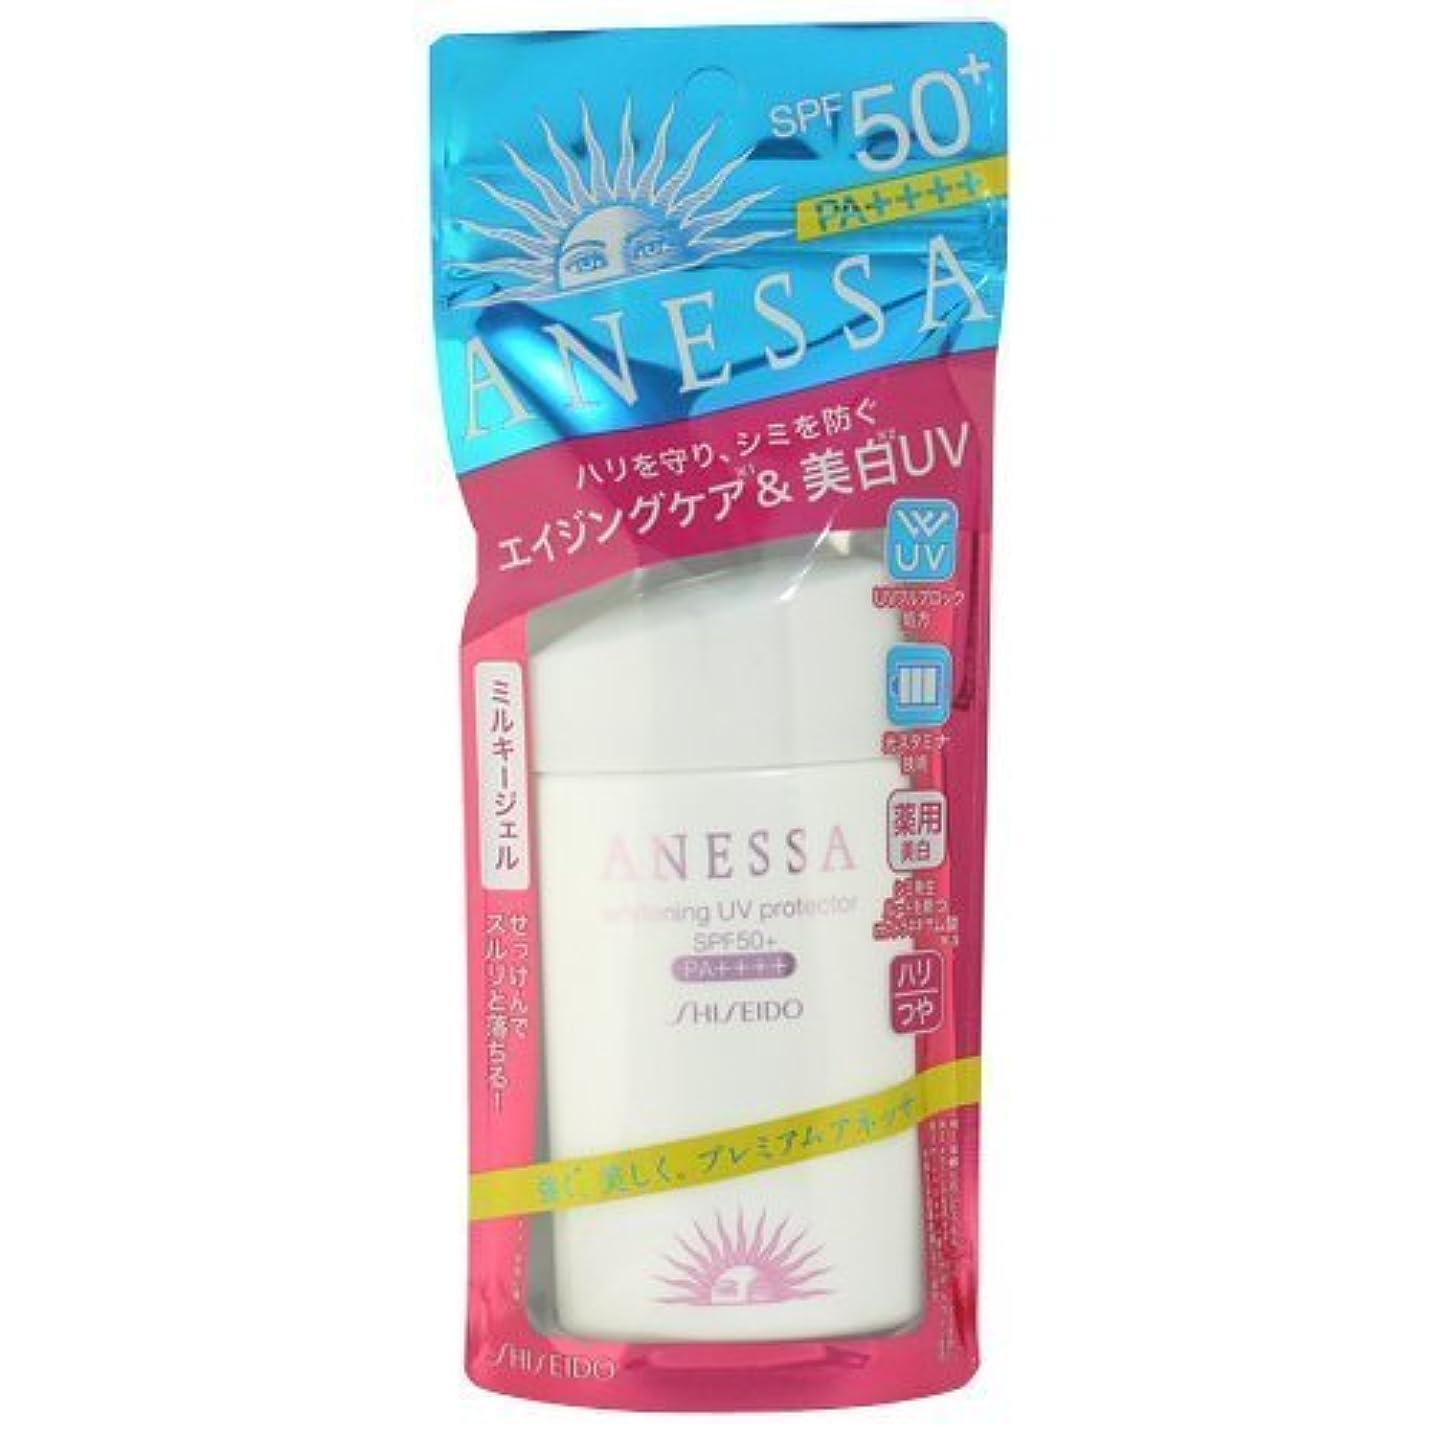 干ばつ誤ニコチンアネッサ 美白UVプロテクターA+ 60ml